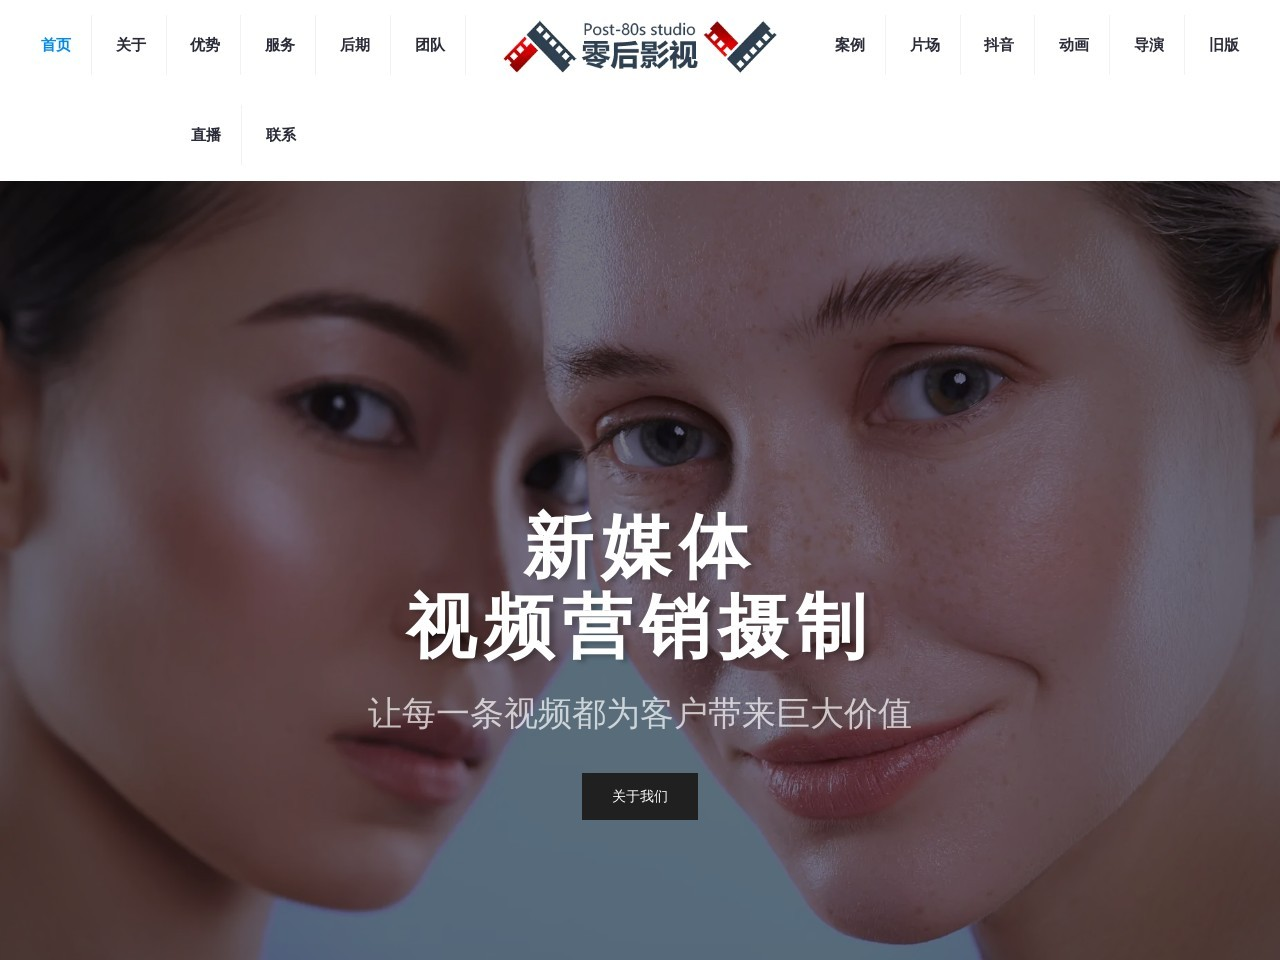 八零后影视(www.80h-tv.com)